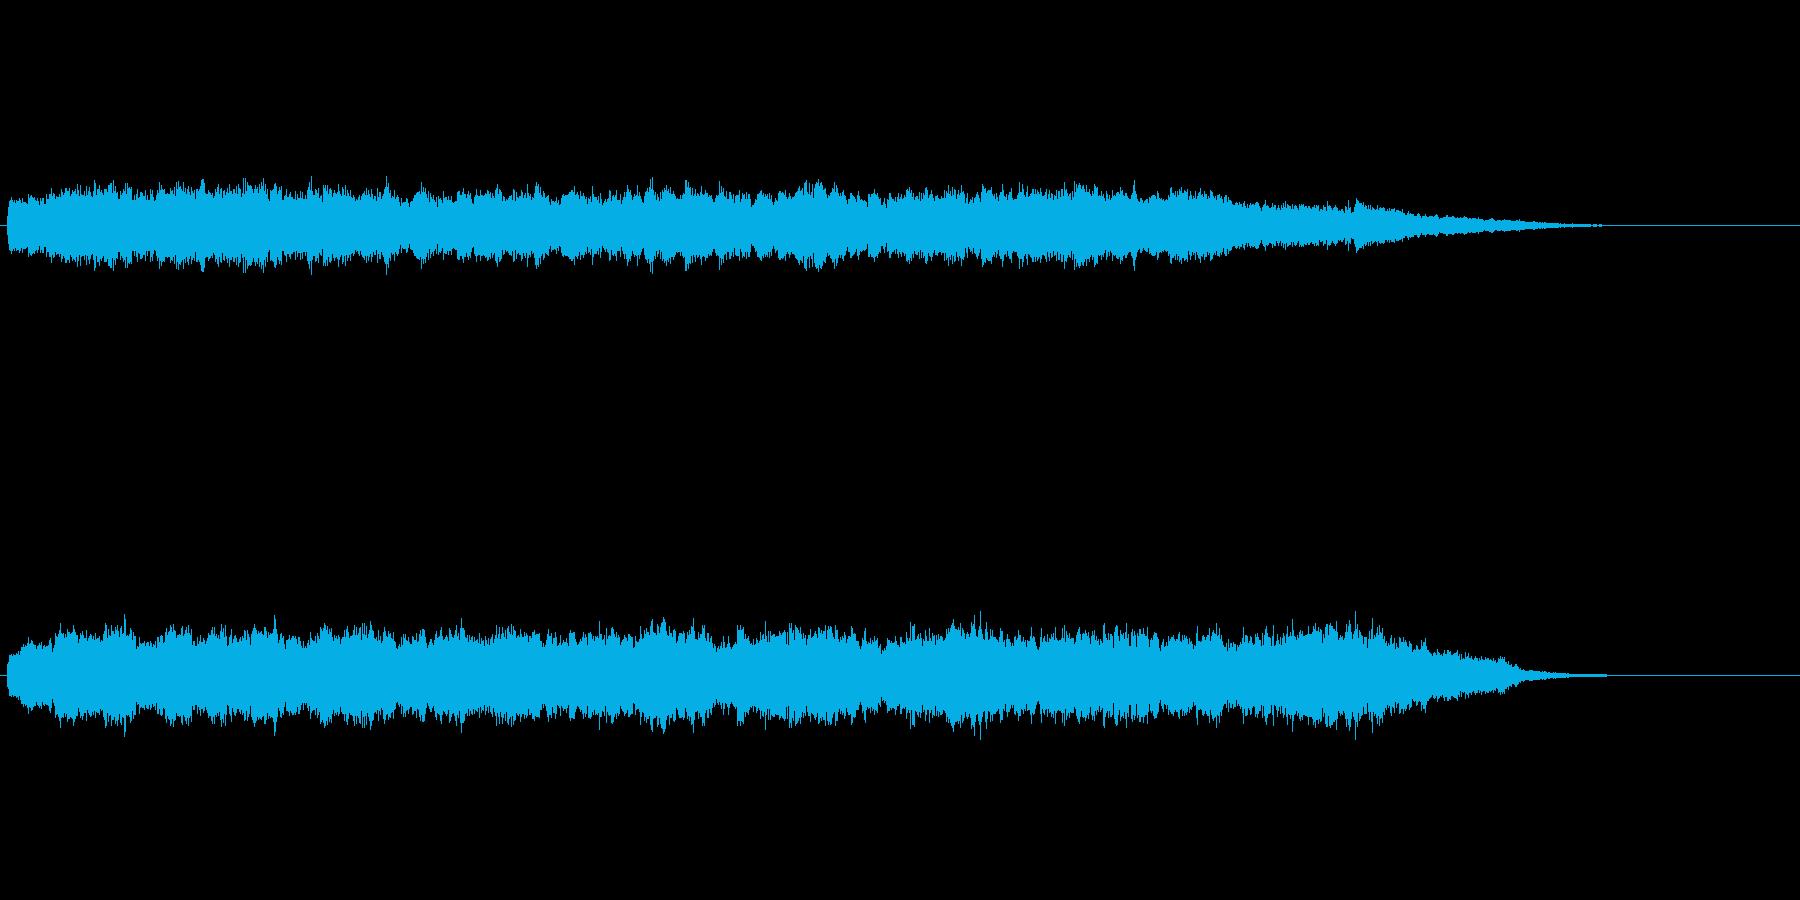 きらきらした音の二十秒サウンドロゴの再生済みの波形